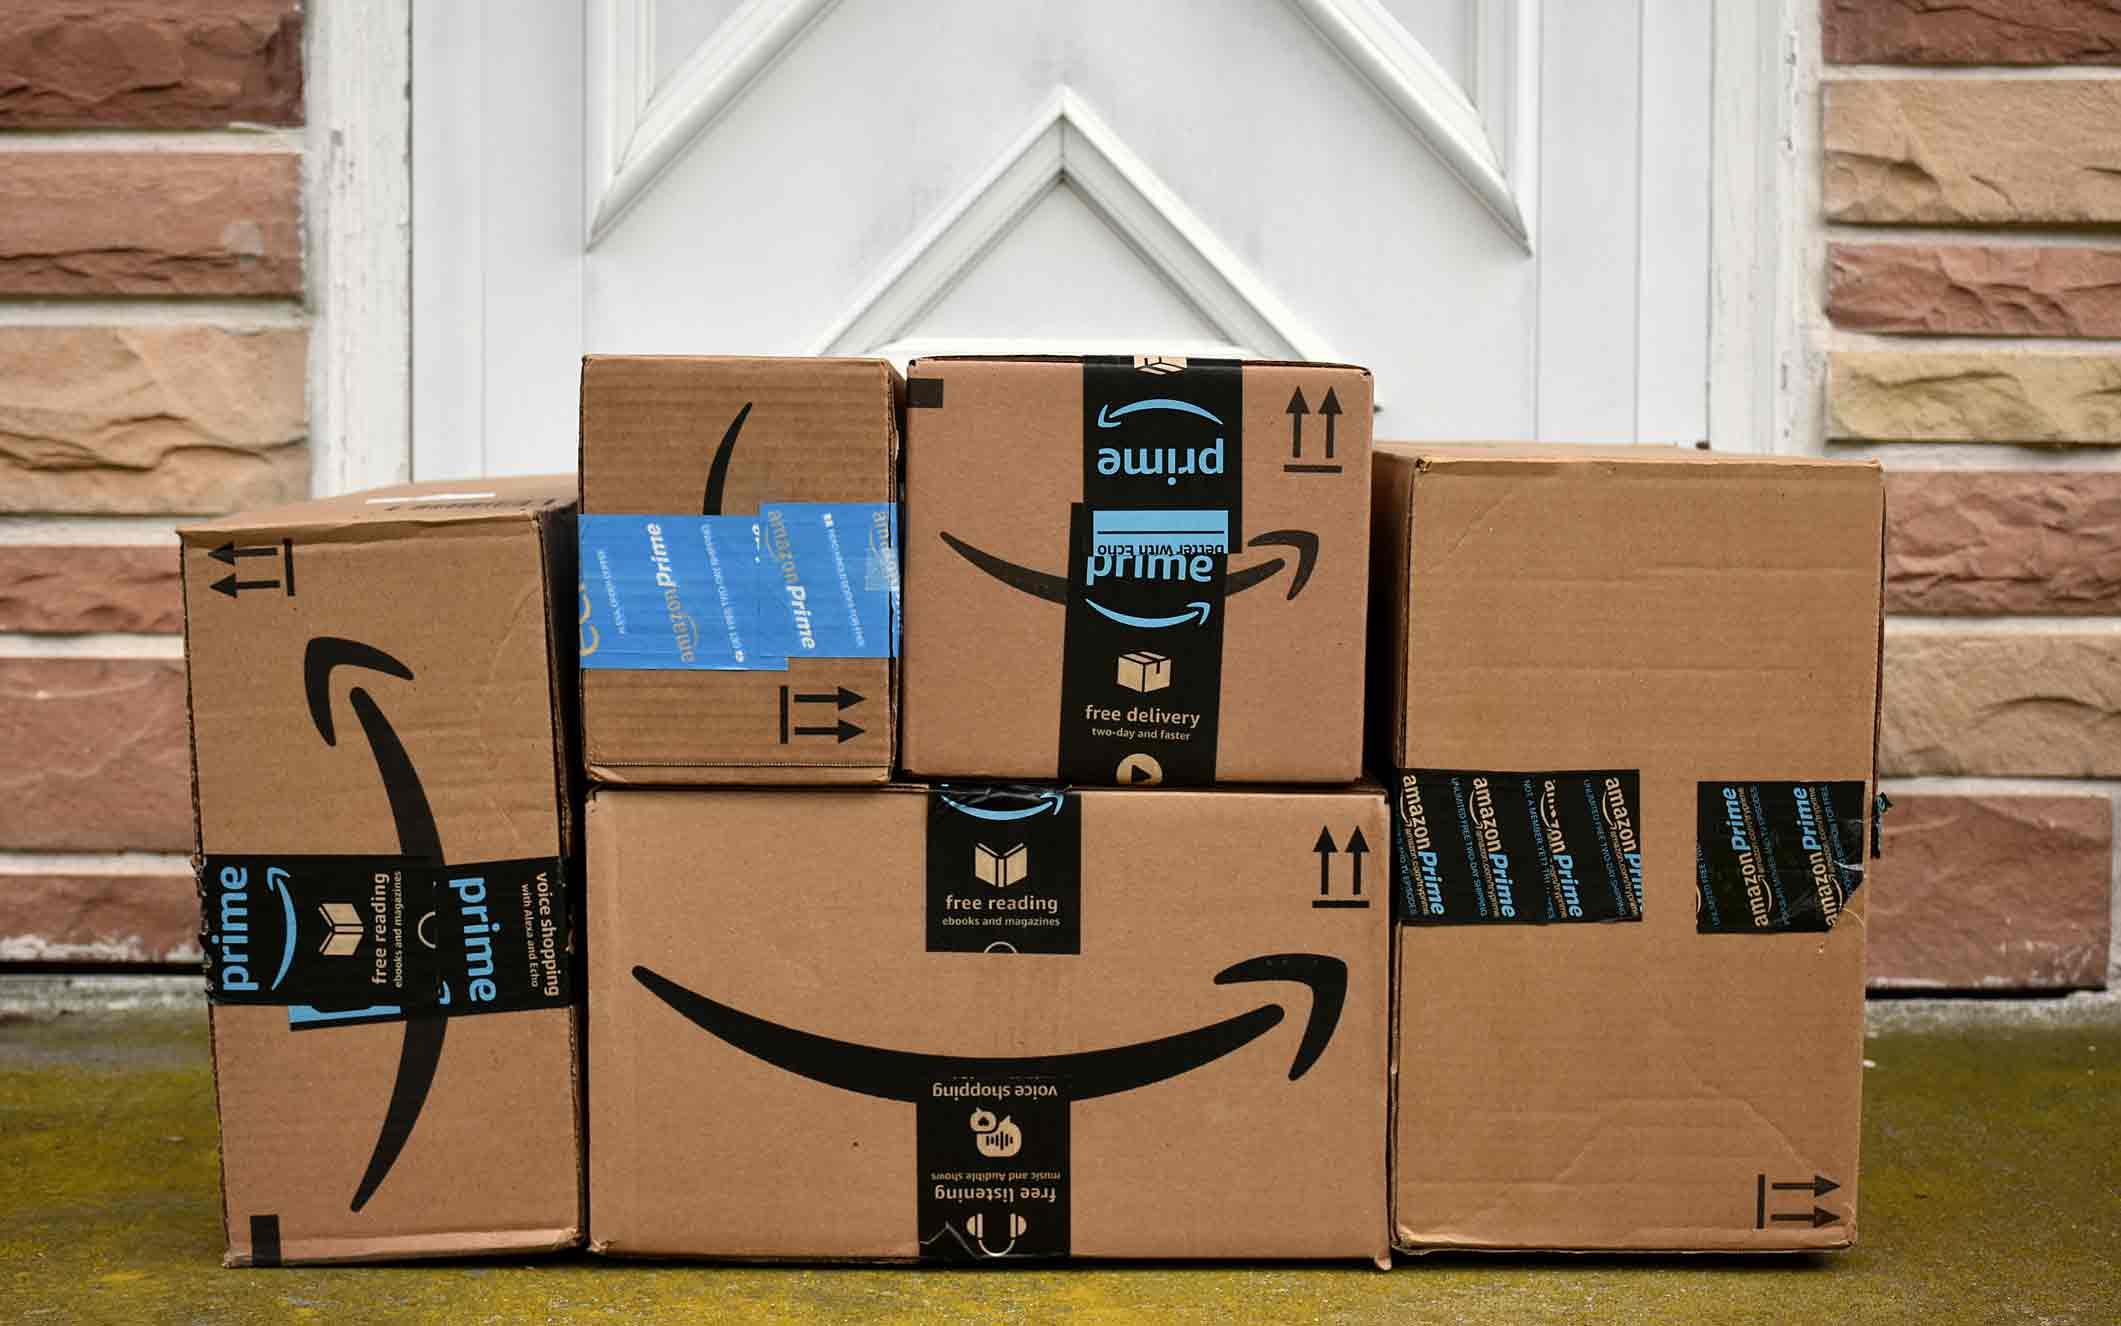 Amazonアソシエイトの審査に通らないイメージ